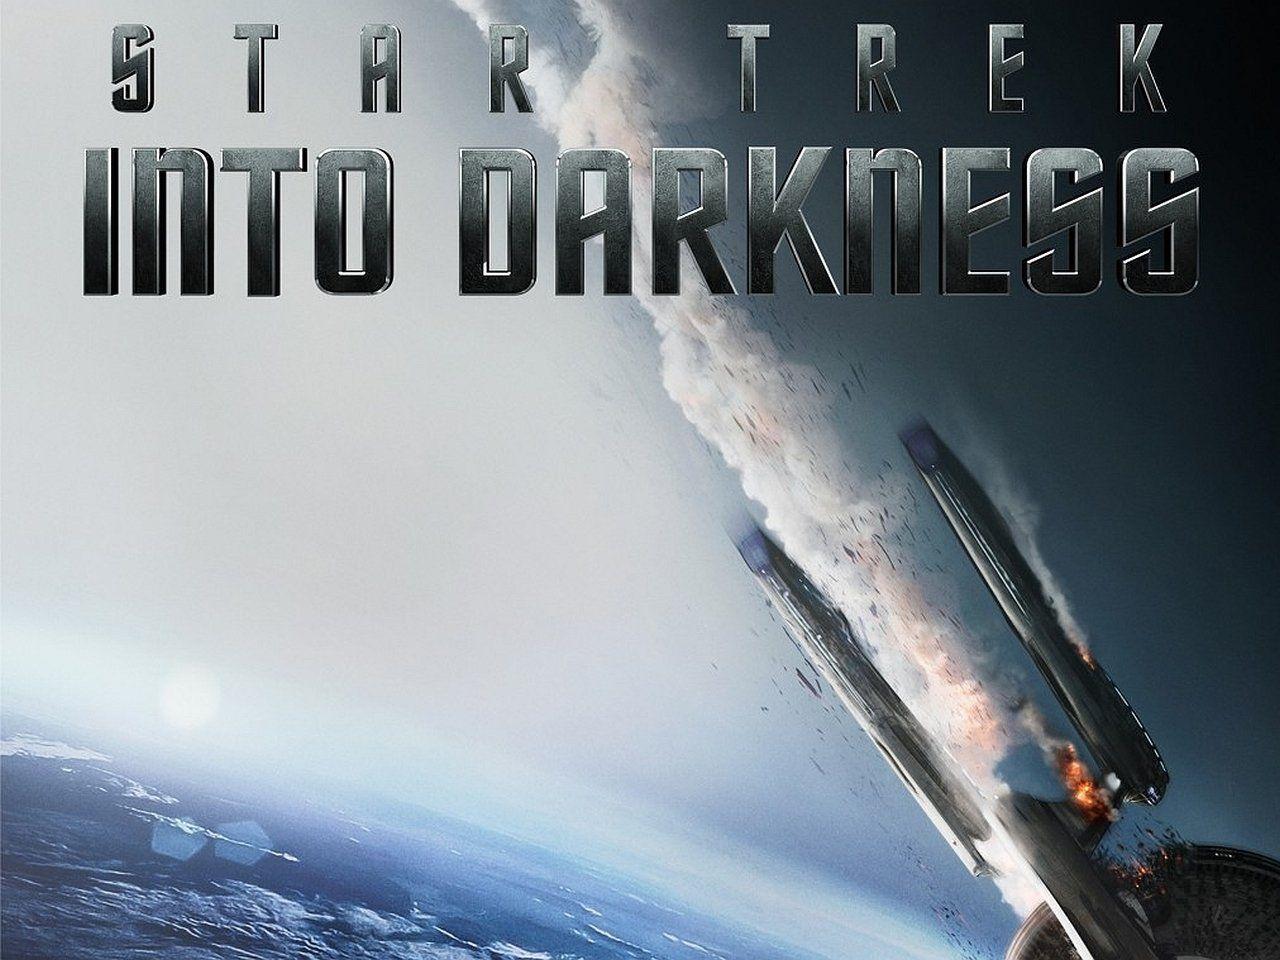 Star Trek Into Darkness Wallpapers Wallpaper Cave